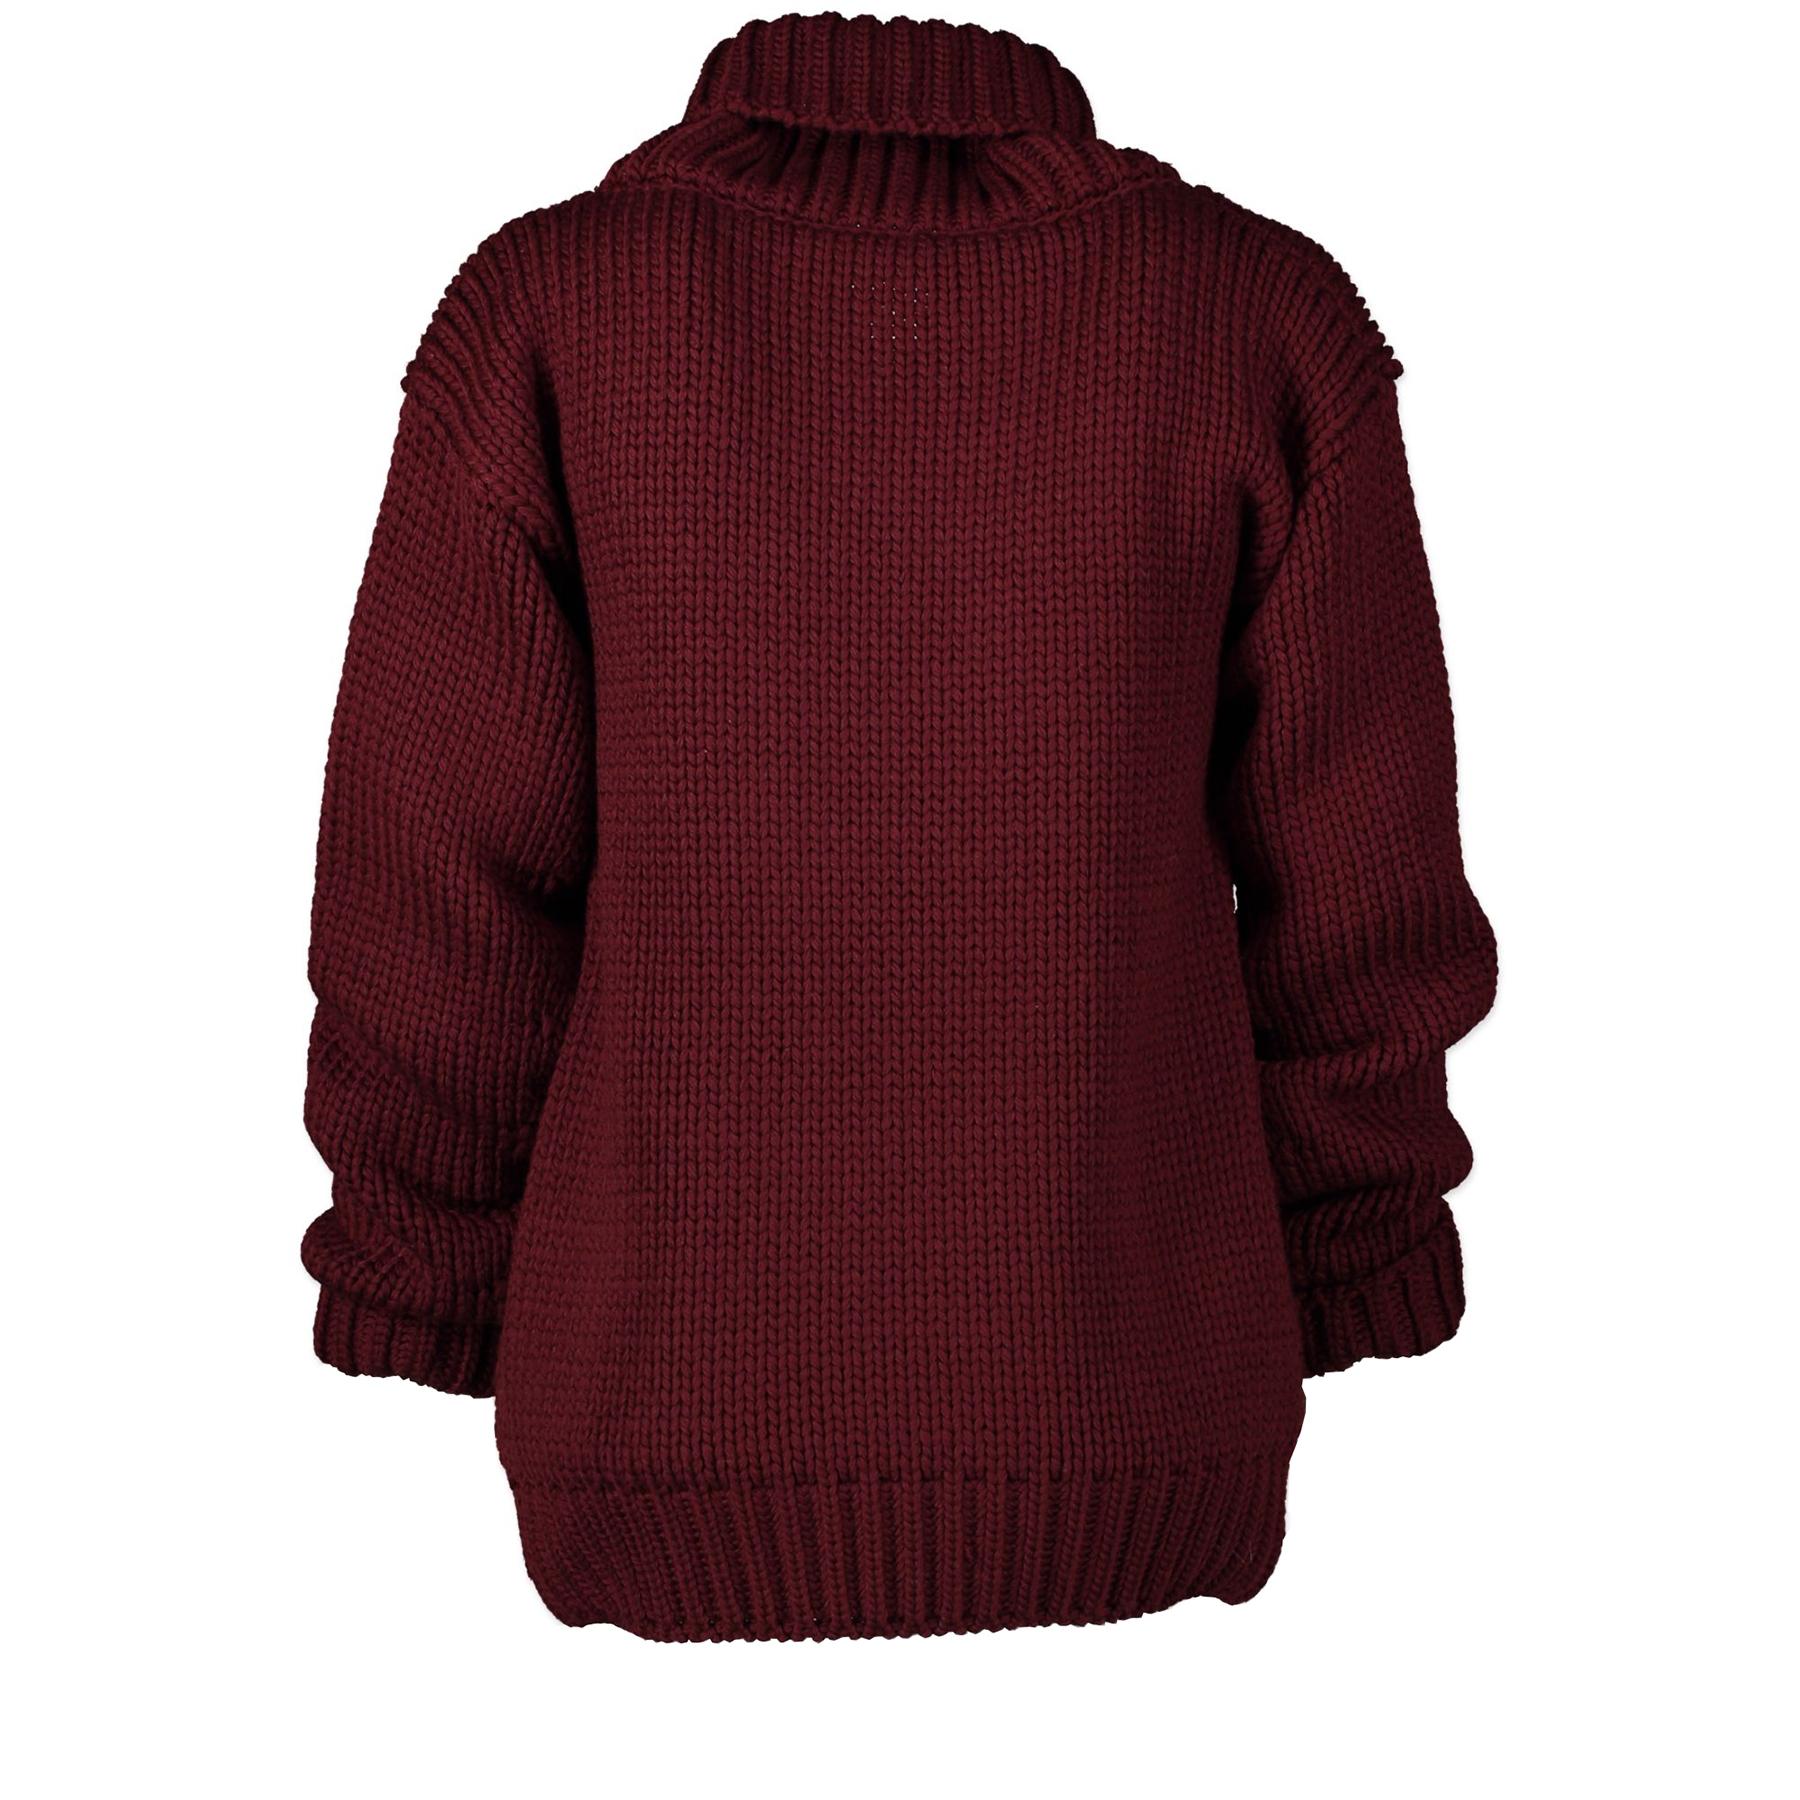 Koop tweedehands Gucci Burgundy Knitted Sweater - XS aan de juiste prijs online in alle veiligheid aan bij LabellOV online webshop